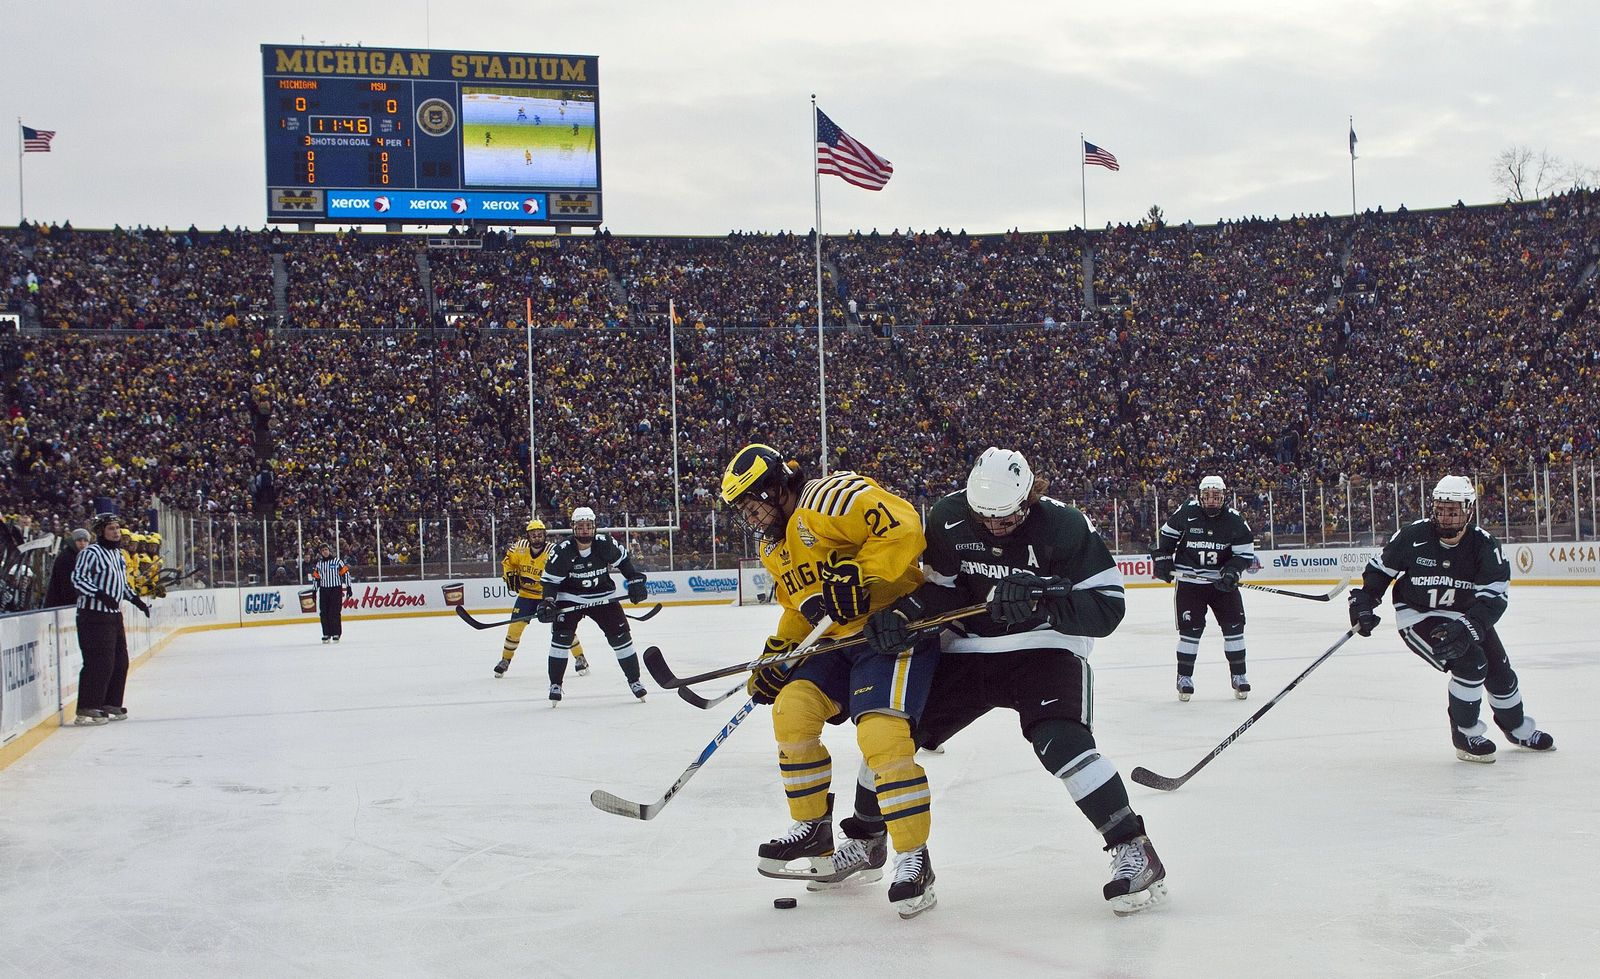 Eishockey-Weltrekord Michigan